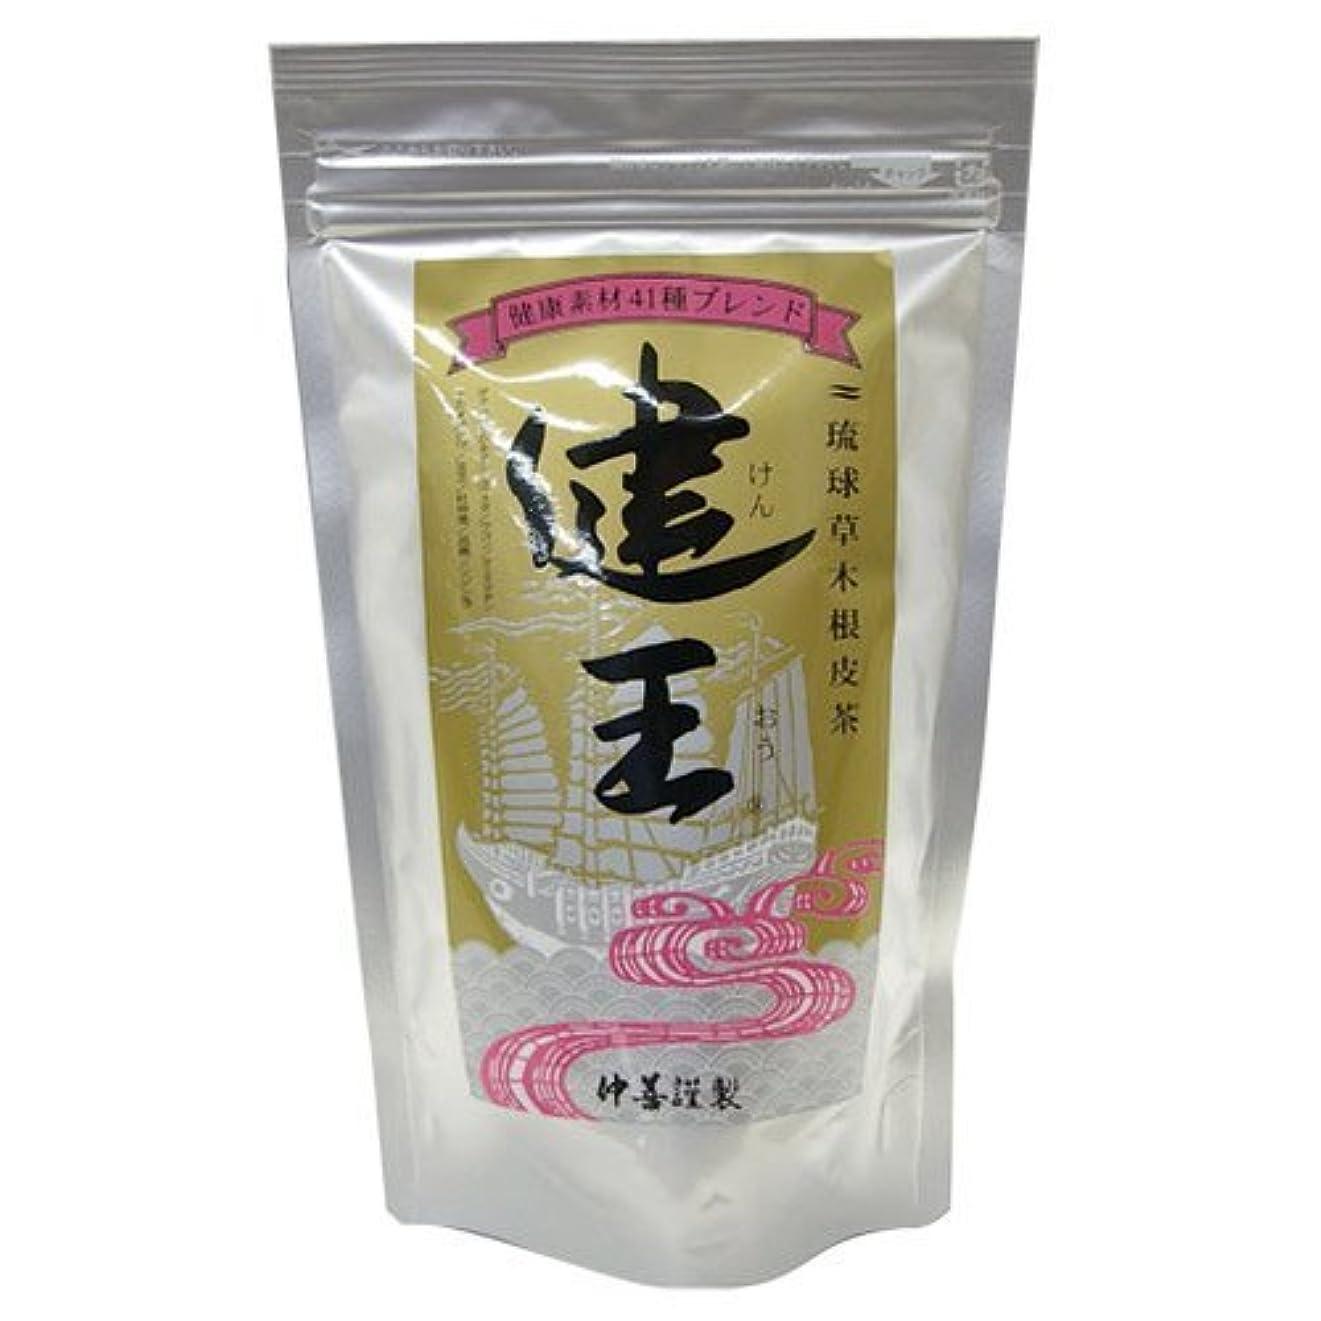 簡略化する真実生む琉球草木根皮茶 健王 ティーバッグ 2g×30包